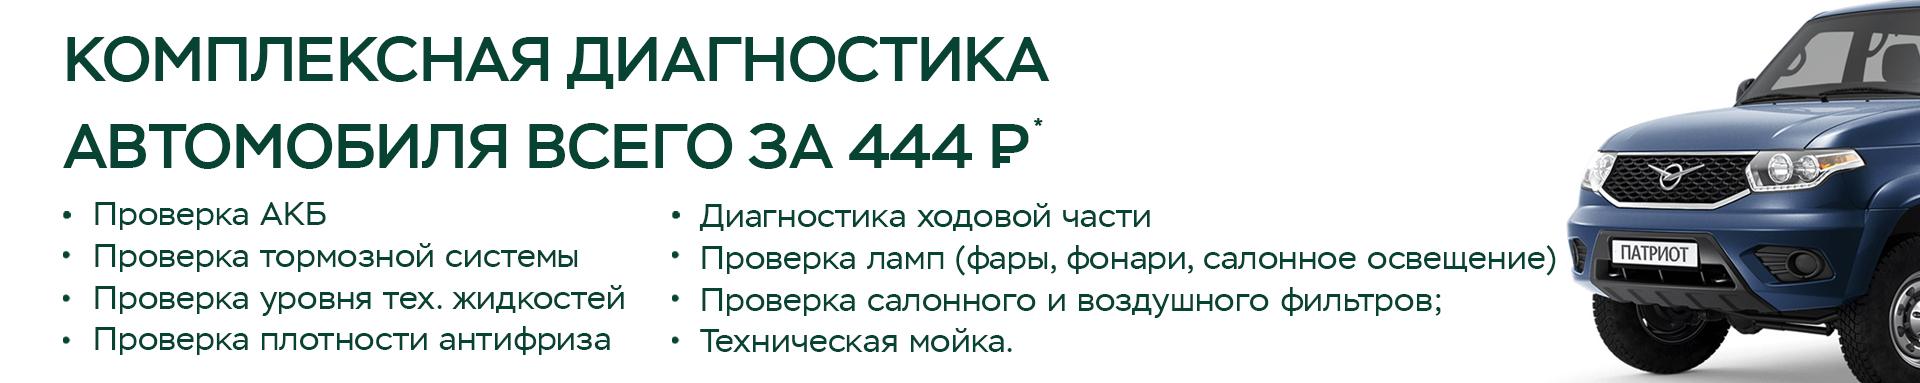 1920x383uaz